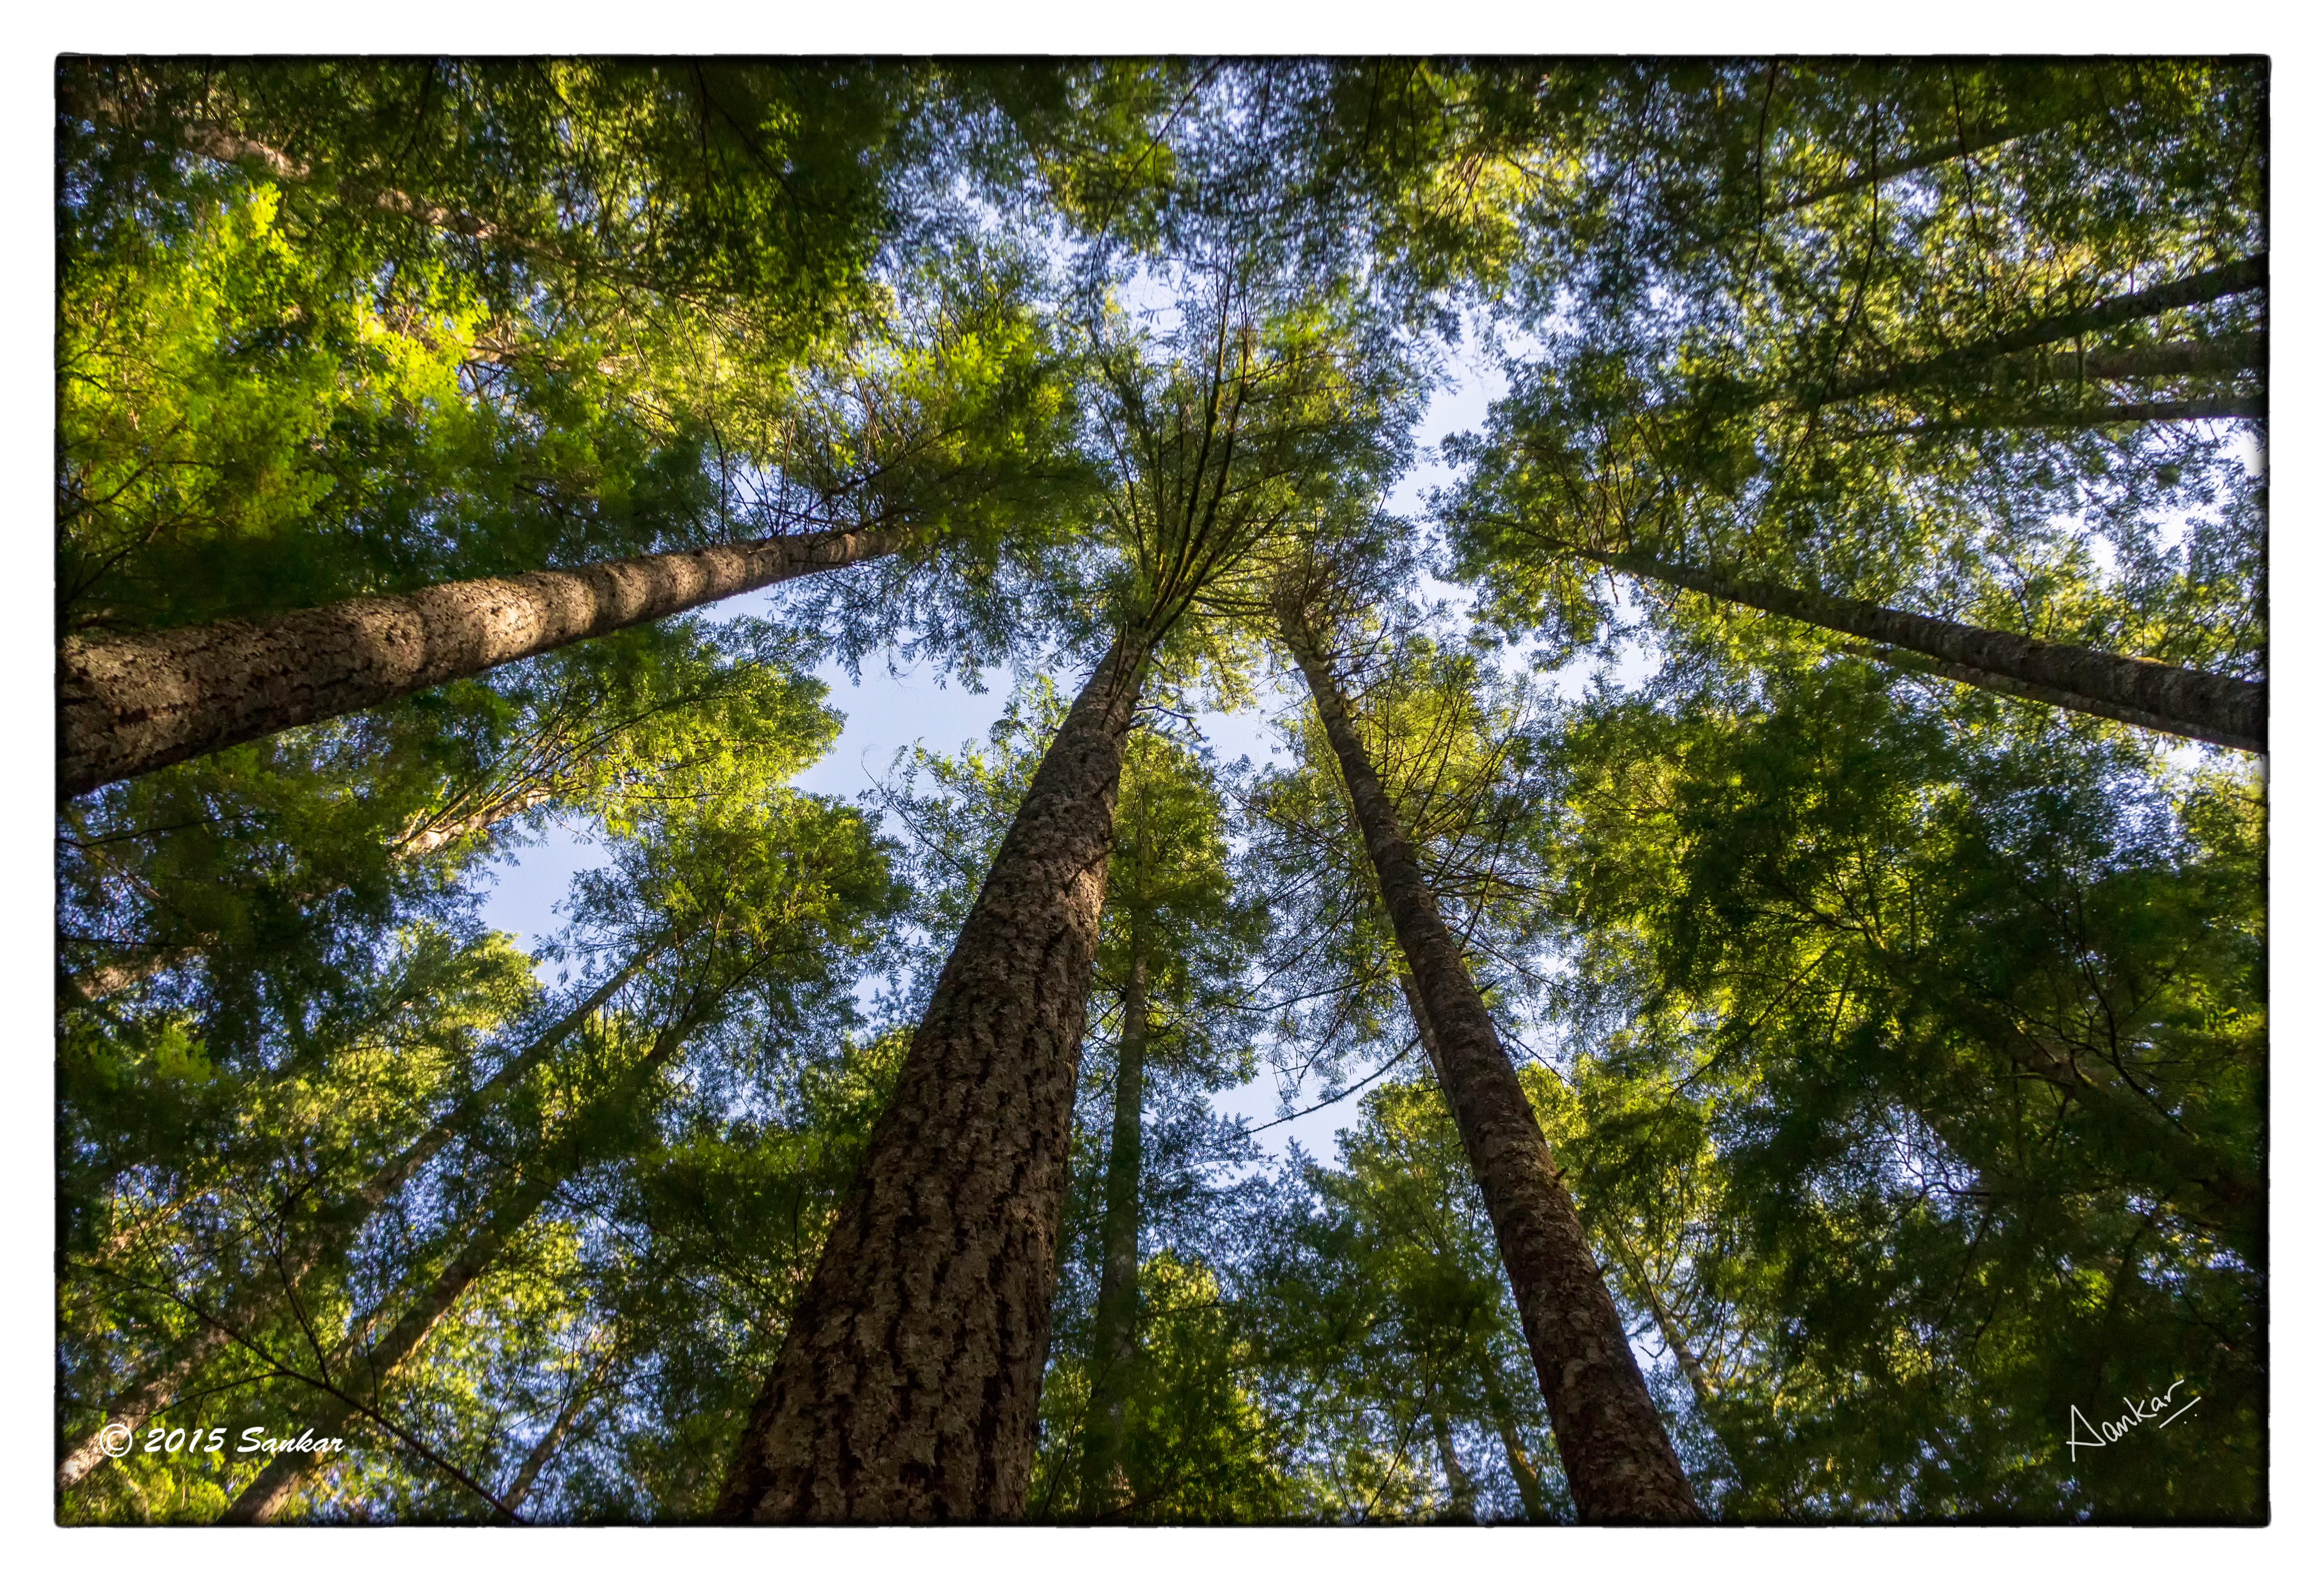 как сфотографировать деревья уходящие в небо даже начал выстраивать